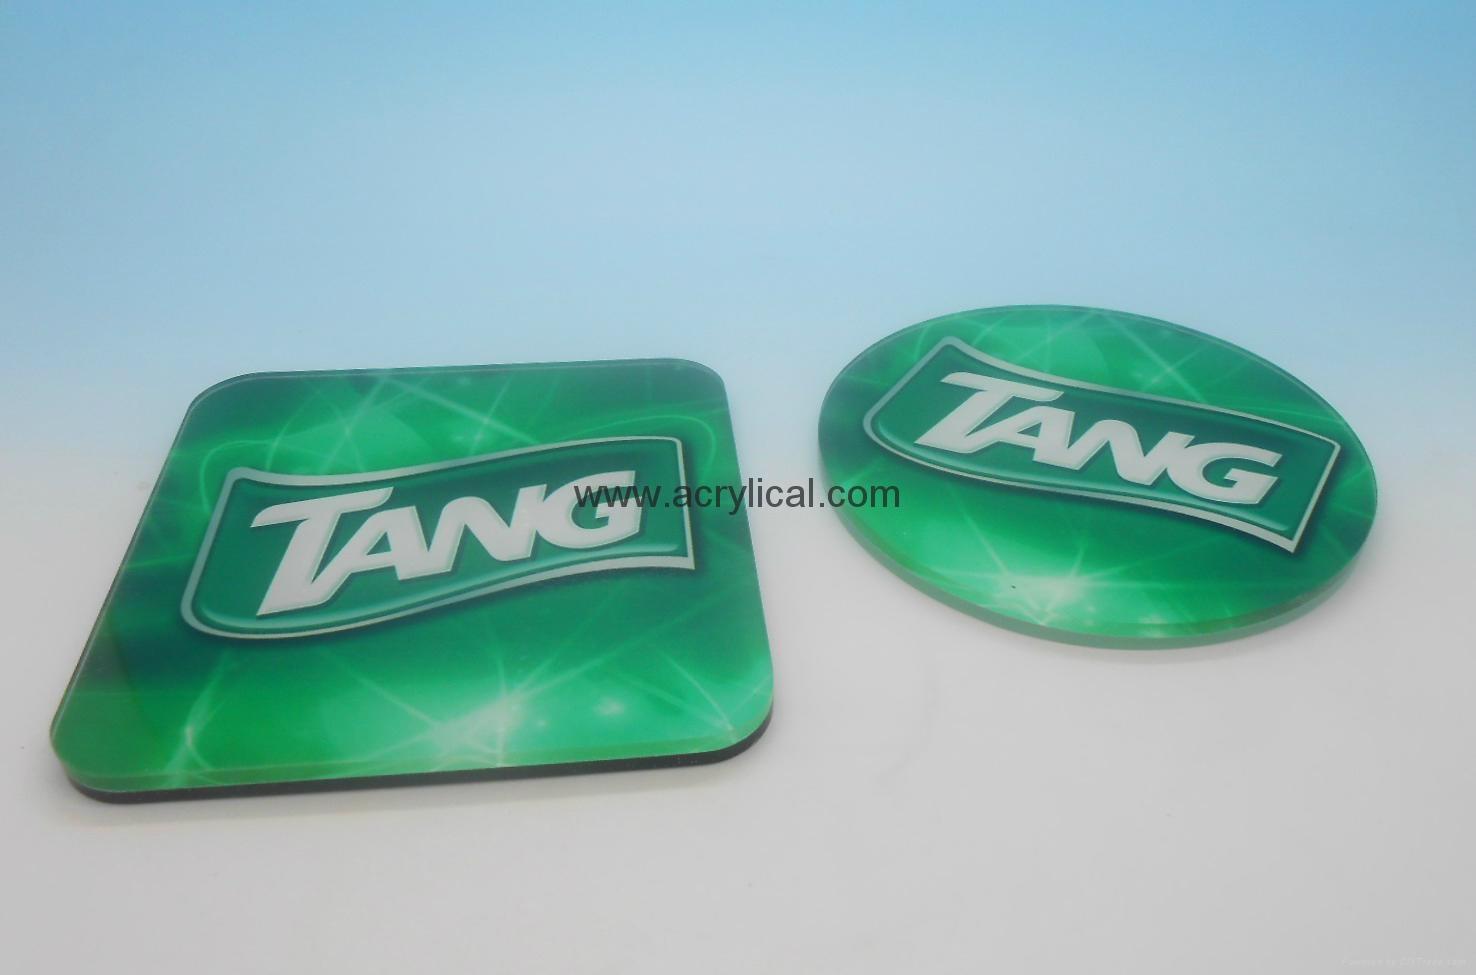 广告礼品-广告杯垫,广告促销礼品,公司广告赠品-压克力杯垫